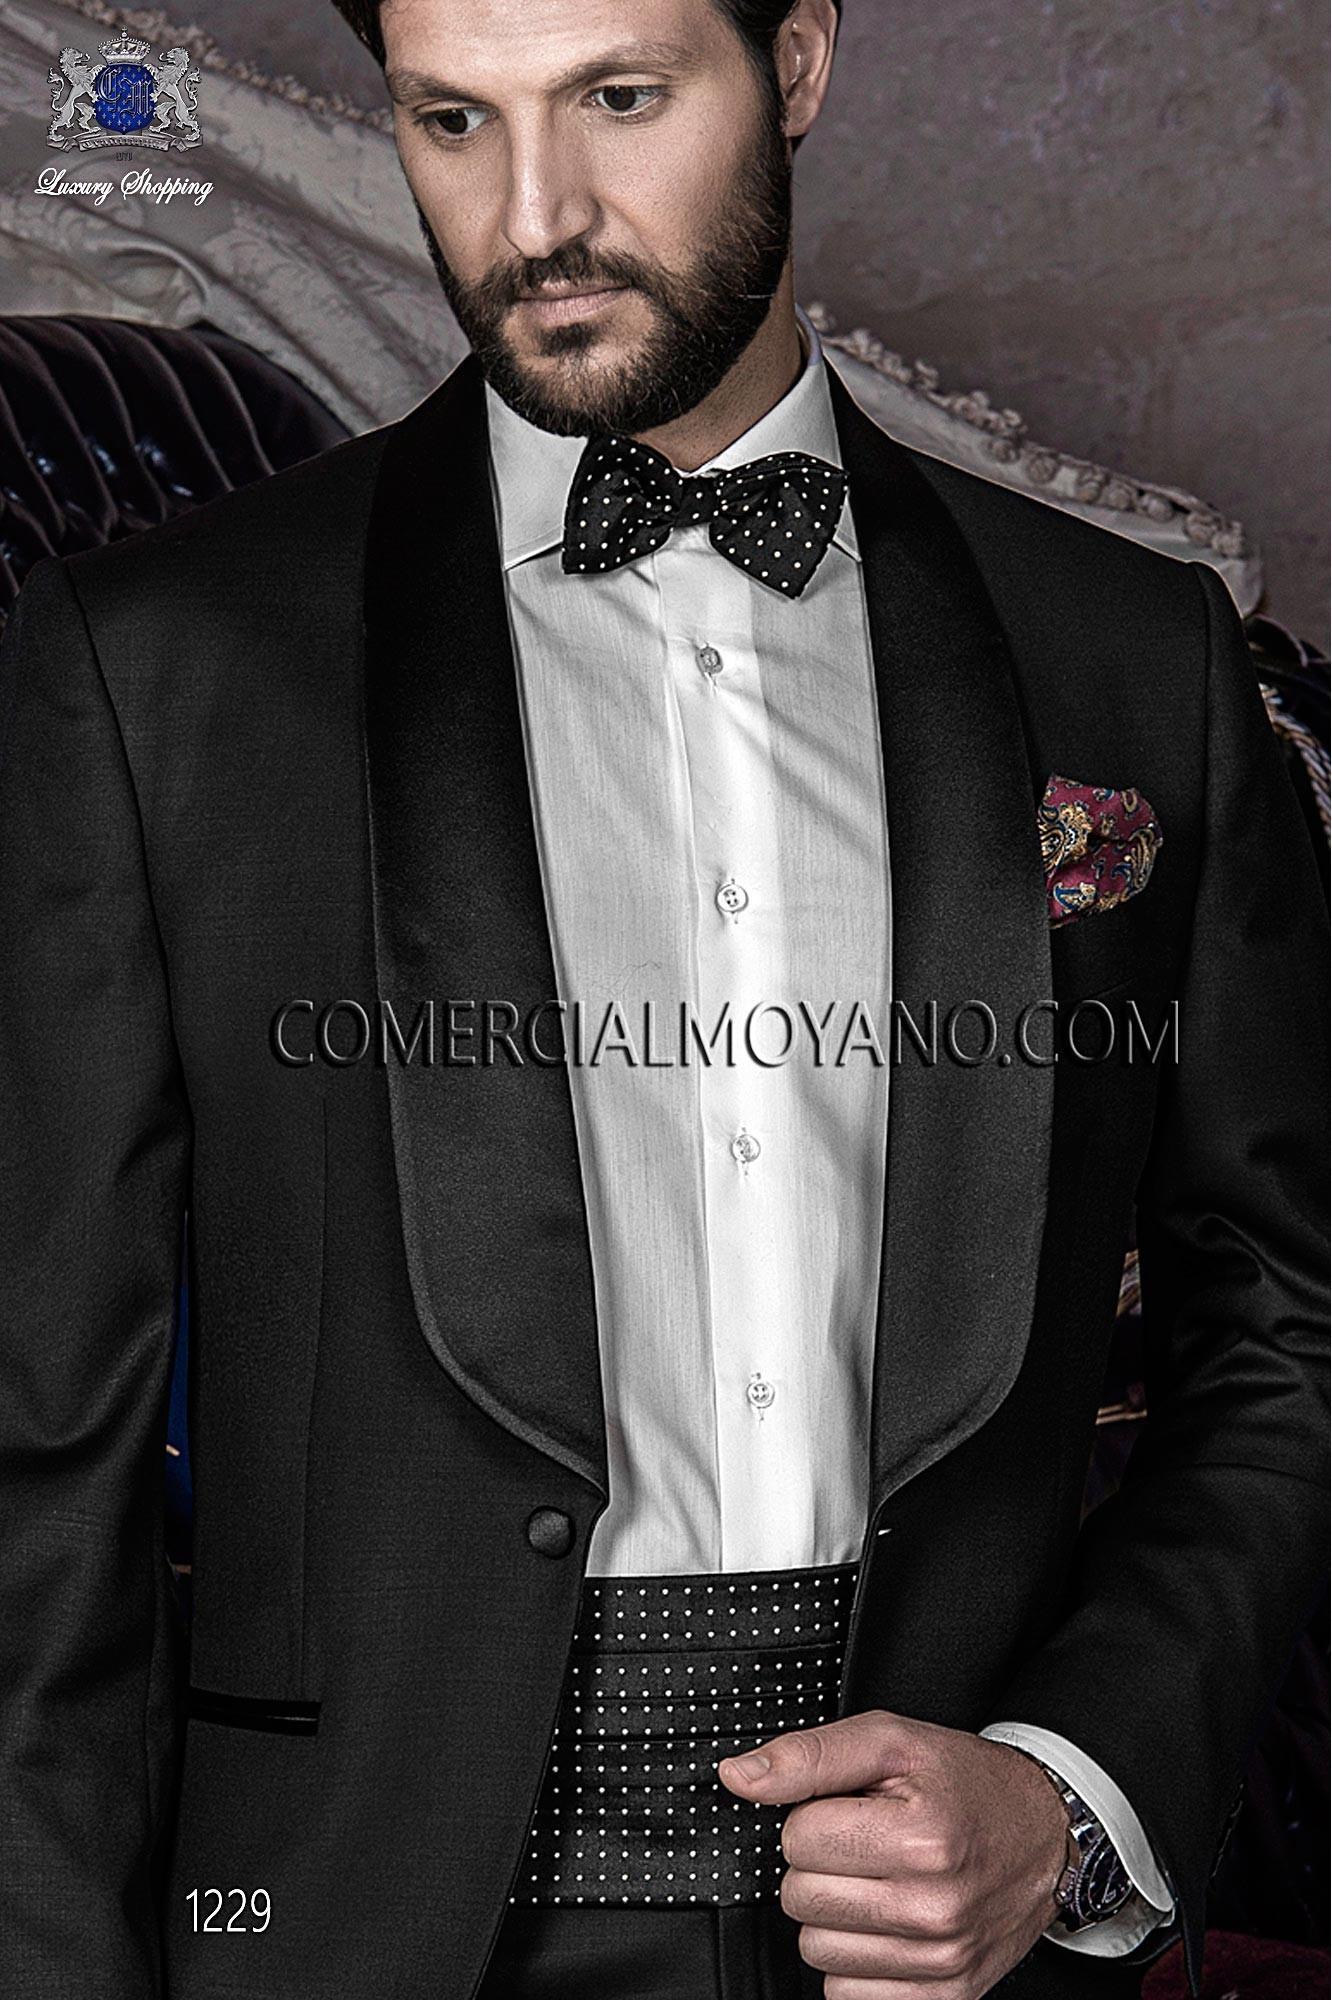 Traje BlackTie de novio negro modelo: 1229 Ottavio Nuccio Gala colección Black Tie